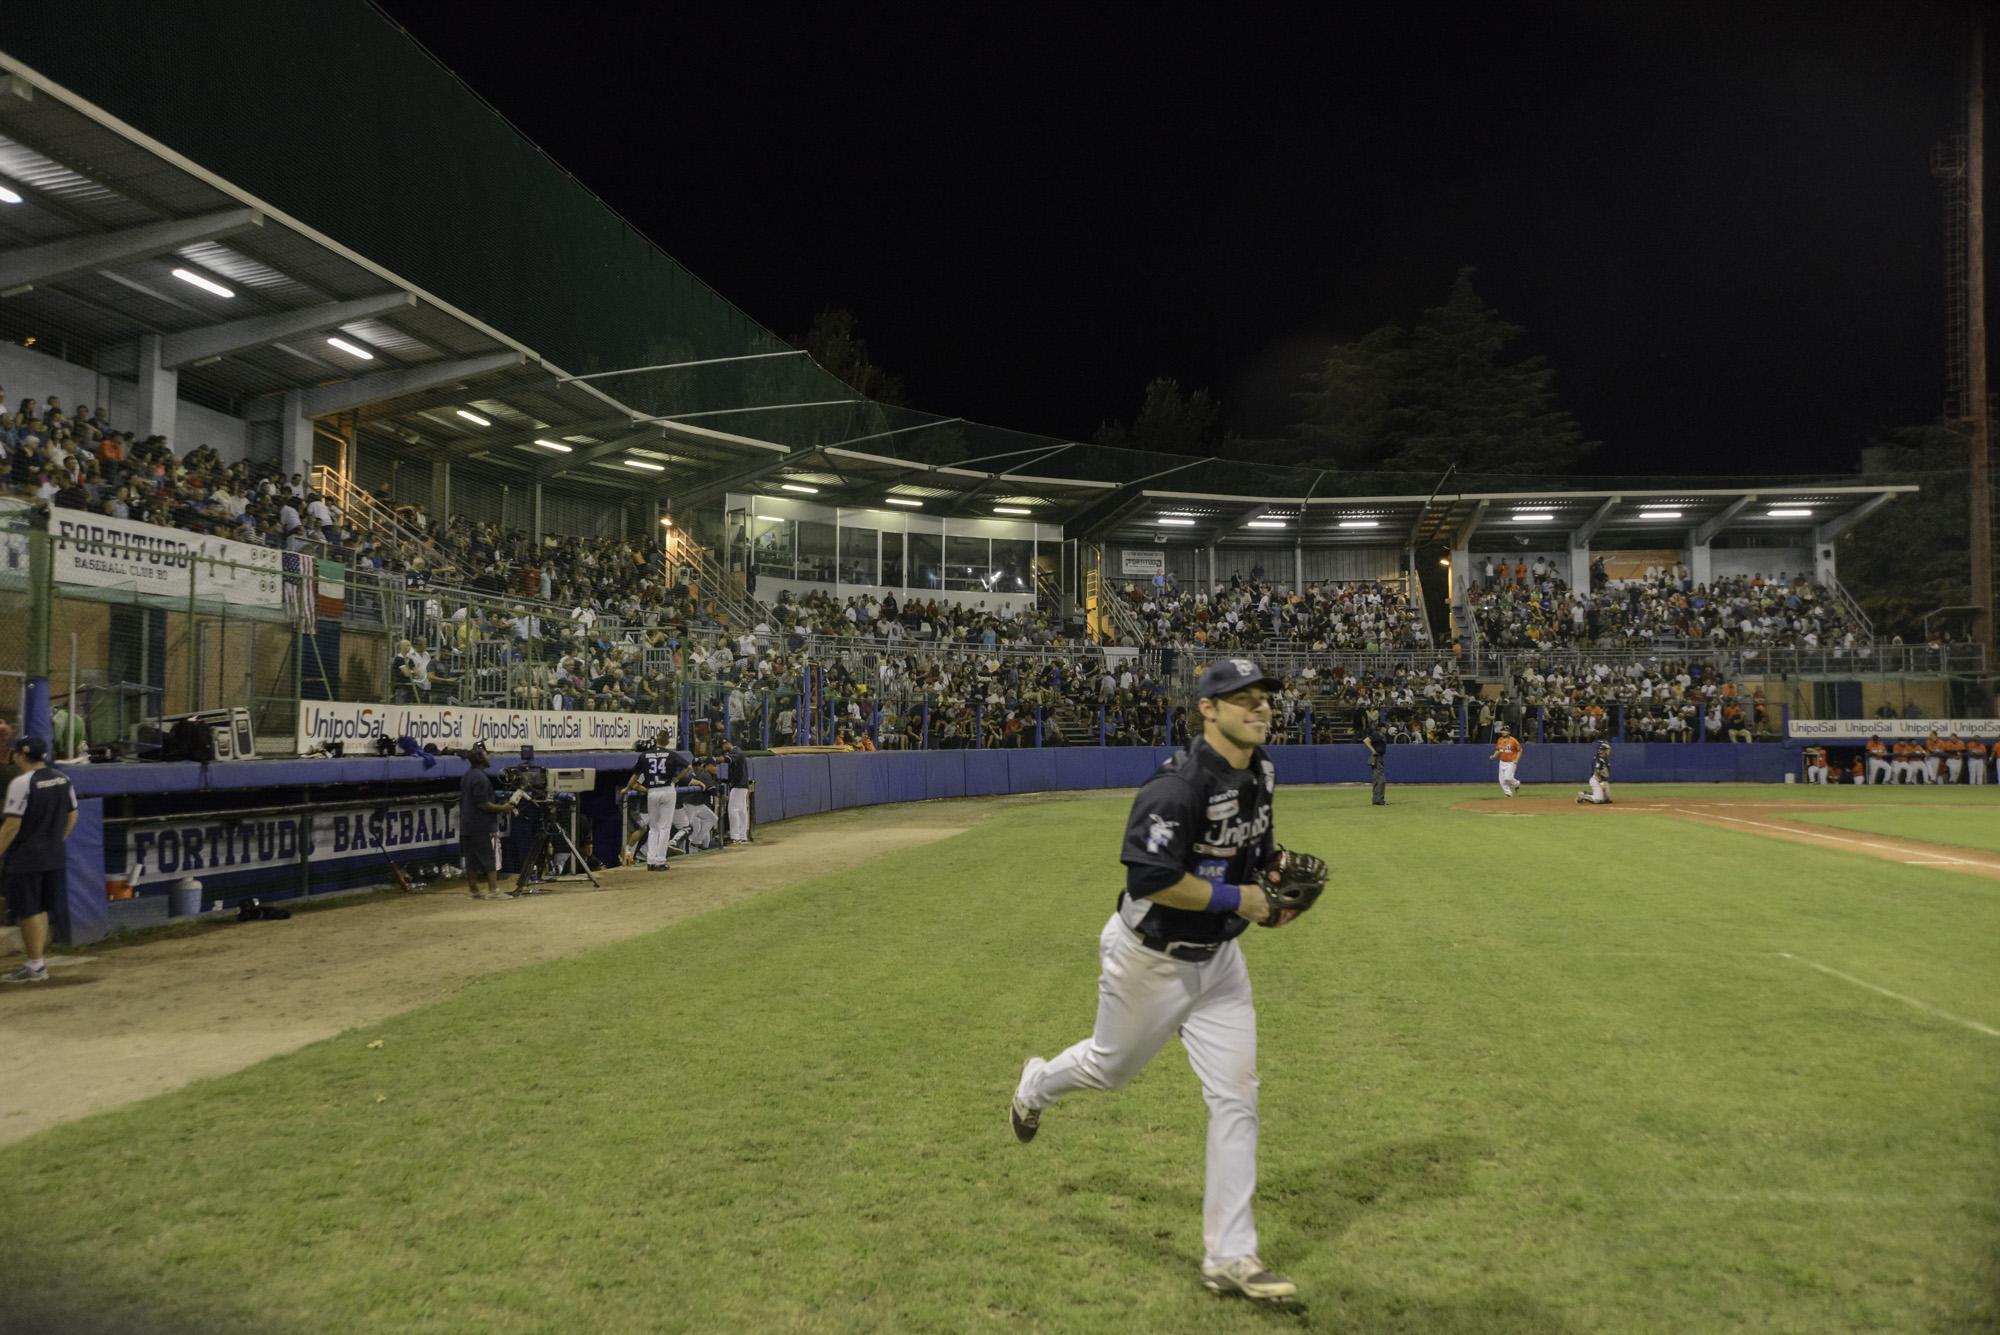 Baseball - Ecco i nuovi gironi di Serie C e B, con playball il 23 maggio